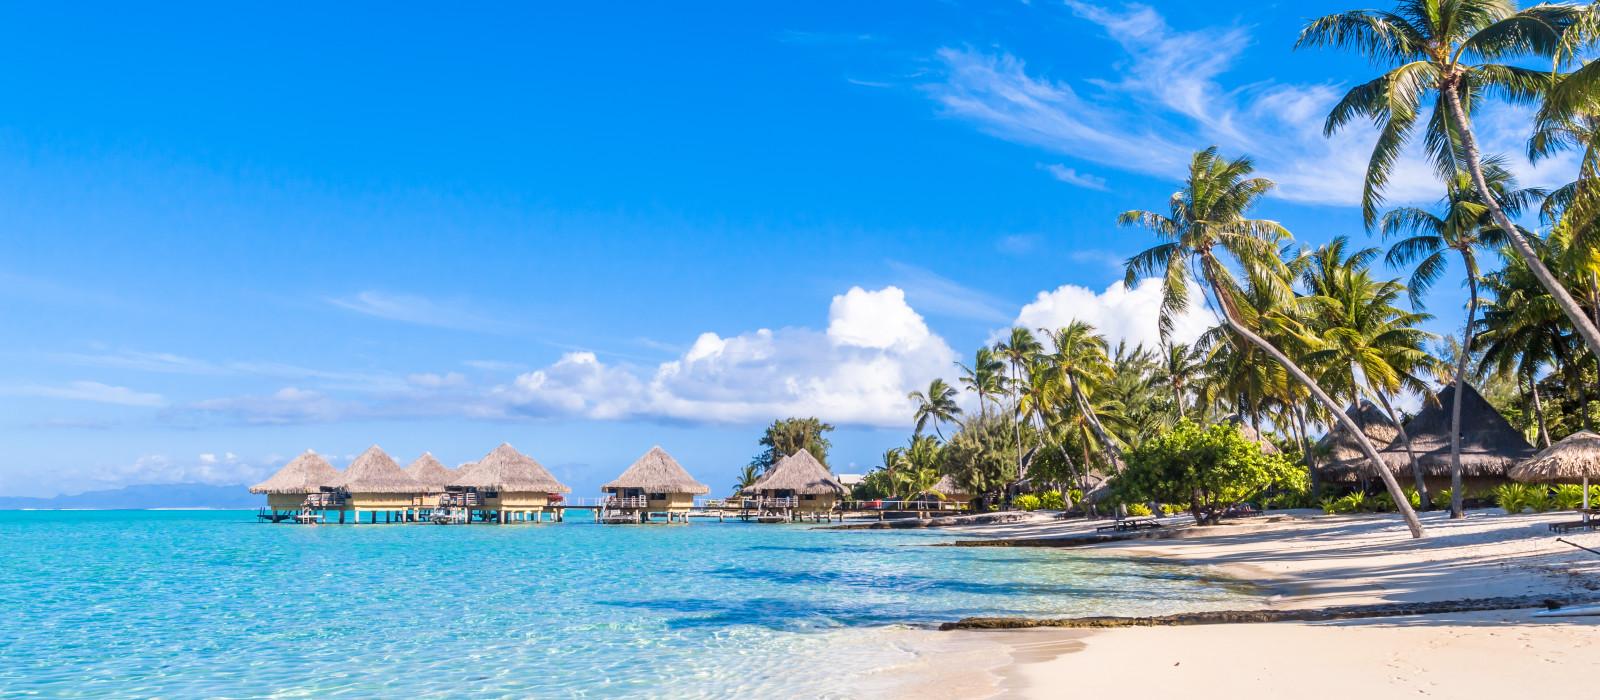 Destination Bora Bora French Polynesia